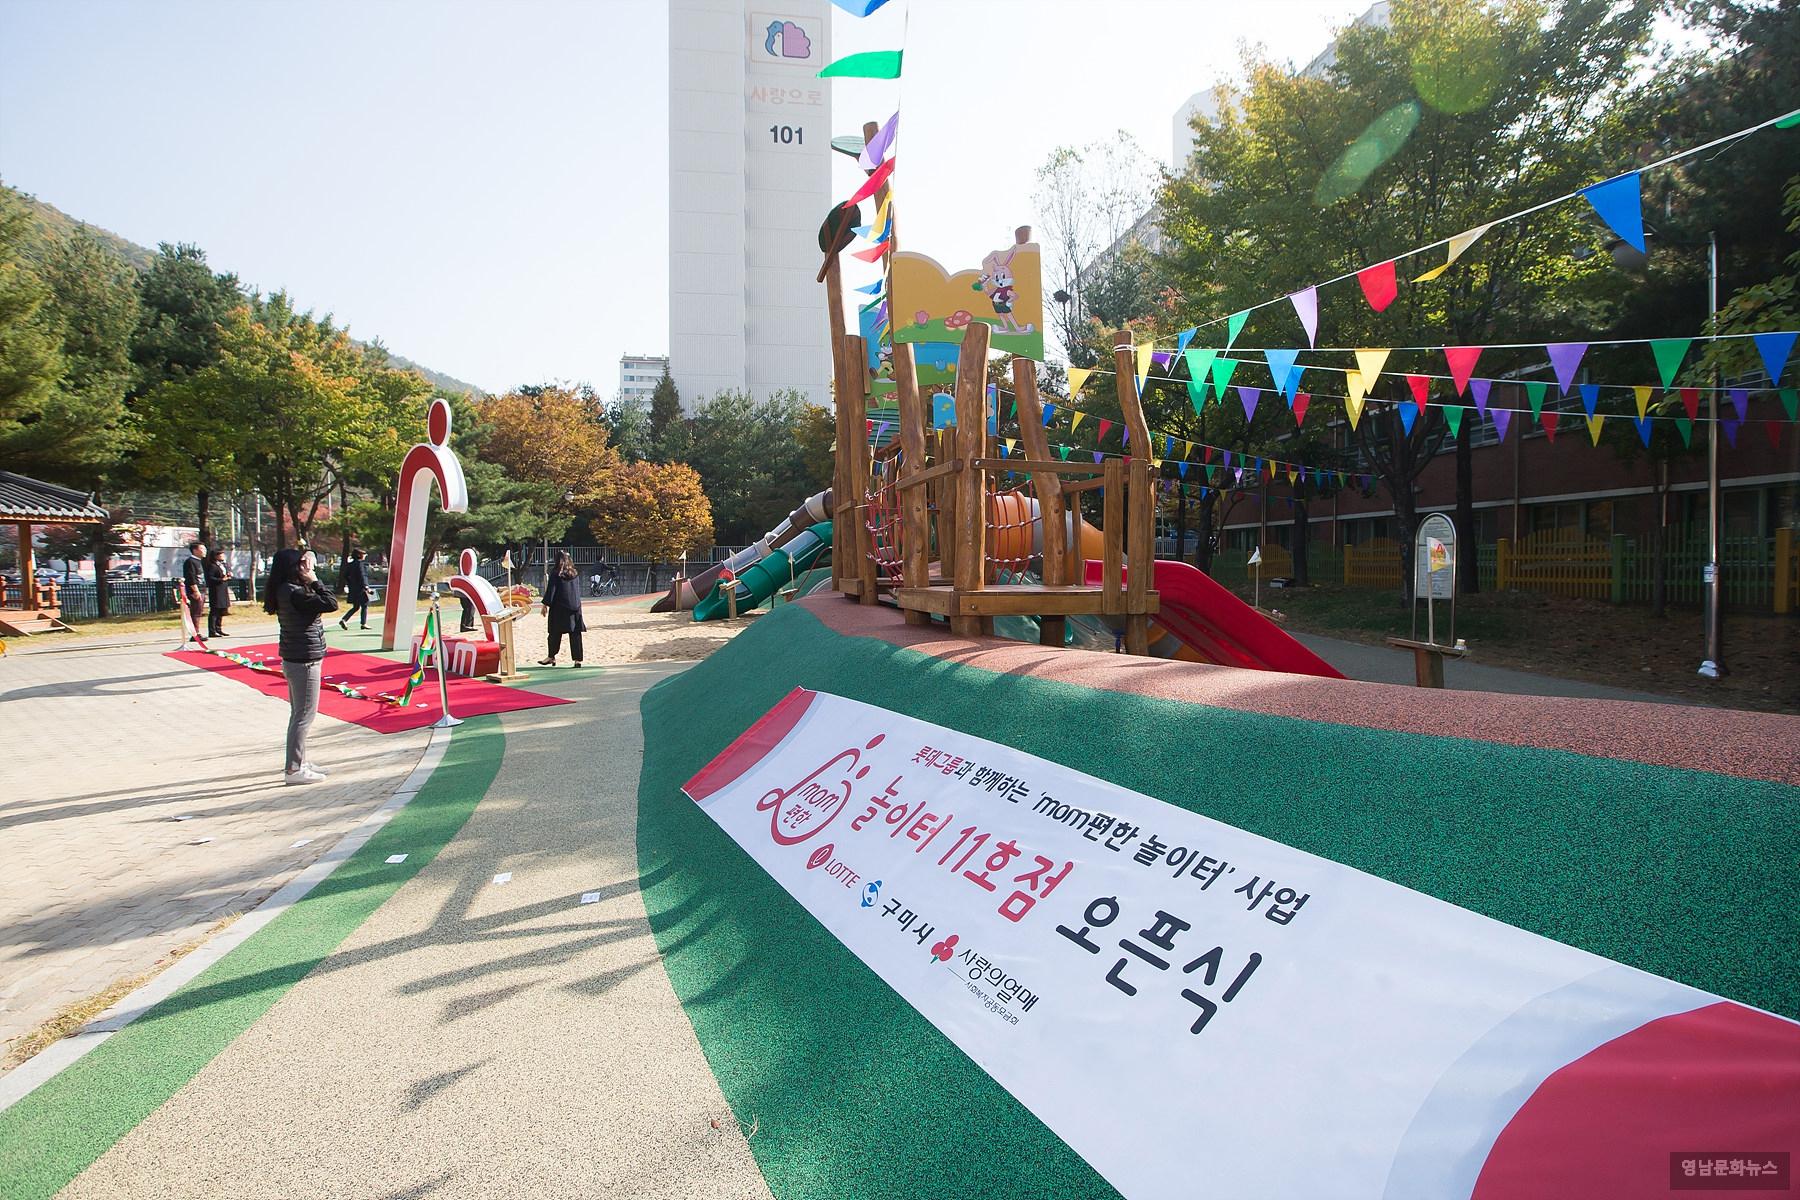 구미시, 구평동 참빛공원에 롯데그룹과 함께 하는